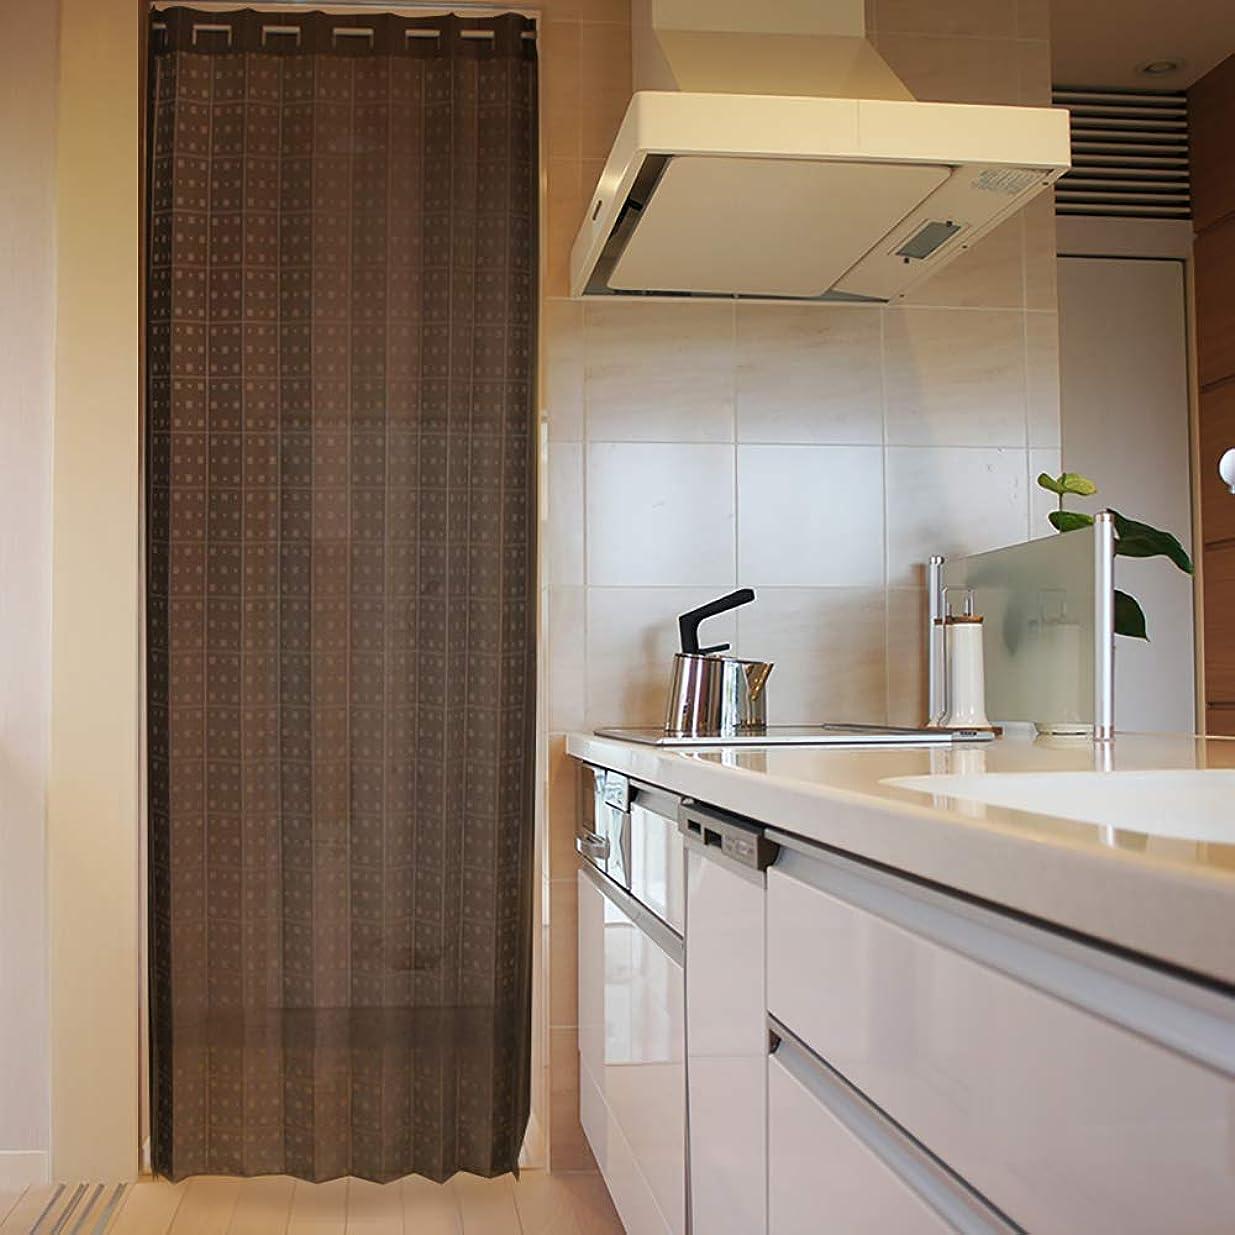 忍耐活性化する構築するアコーディオン カーテン 間仕切り のれん 目隠し 遮熱 冷気遮断 square 150×250 cm丈 (ブラウン)